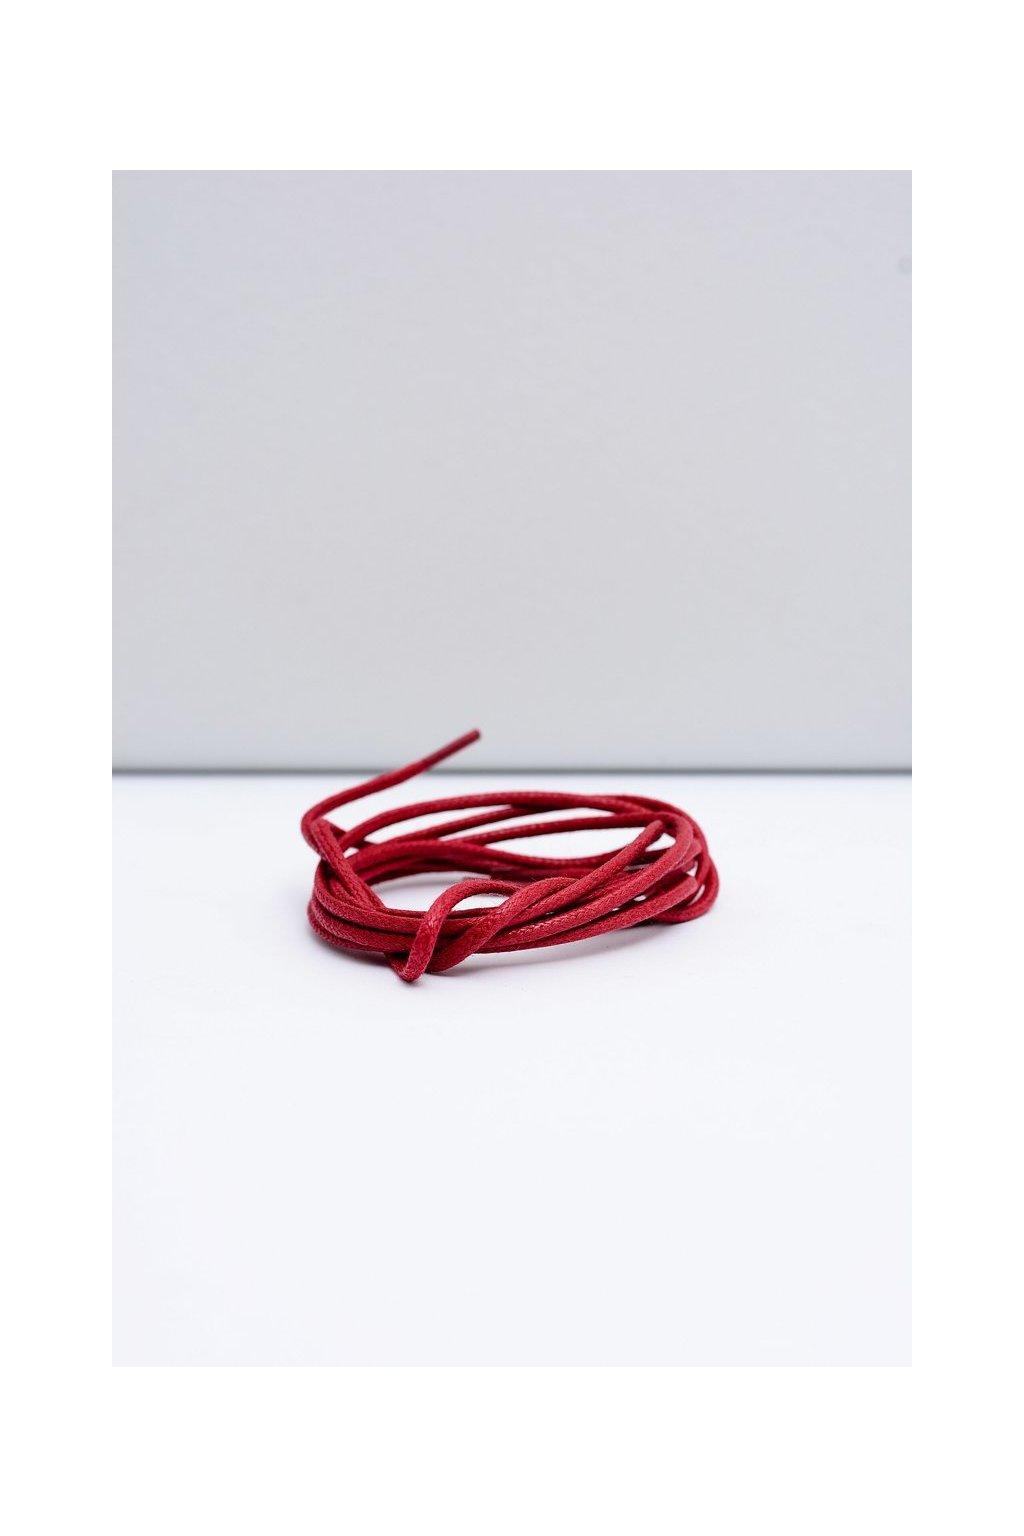 Šnúrky do topánok farba červená kód Okrągłe cienkie wosk czerwone